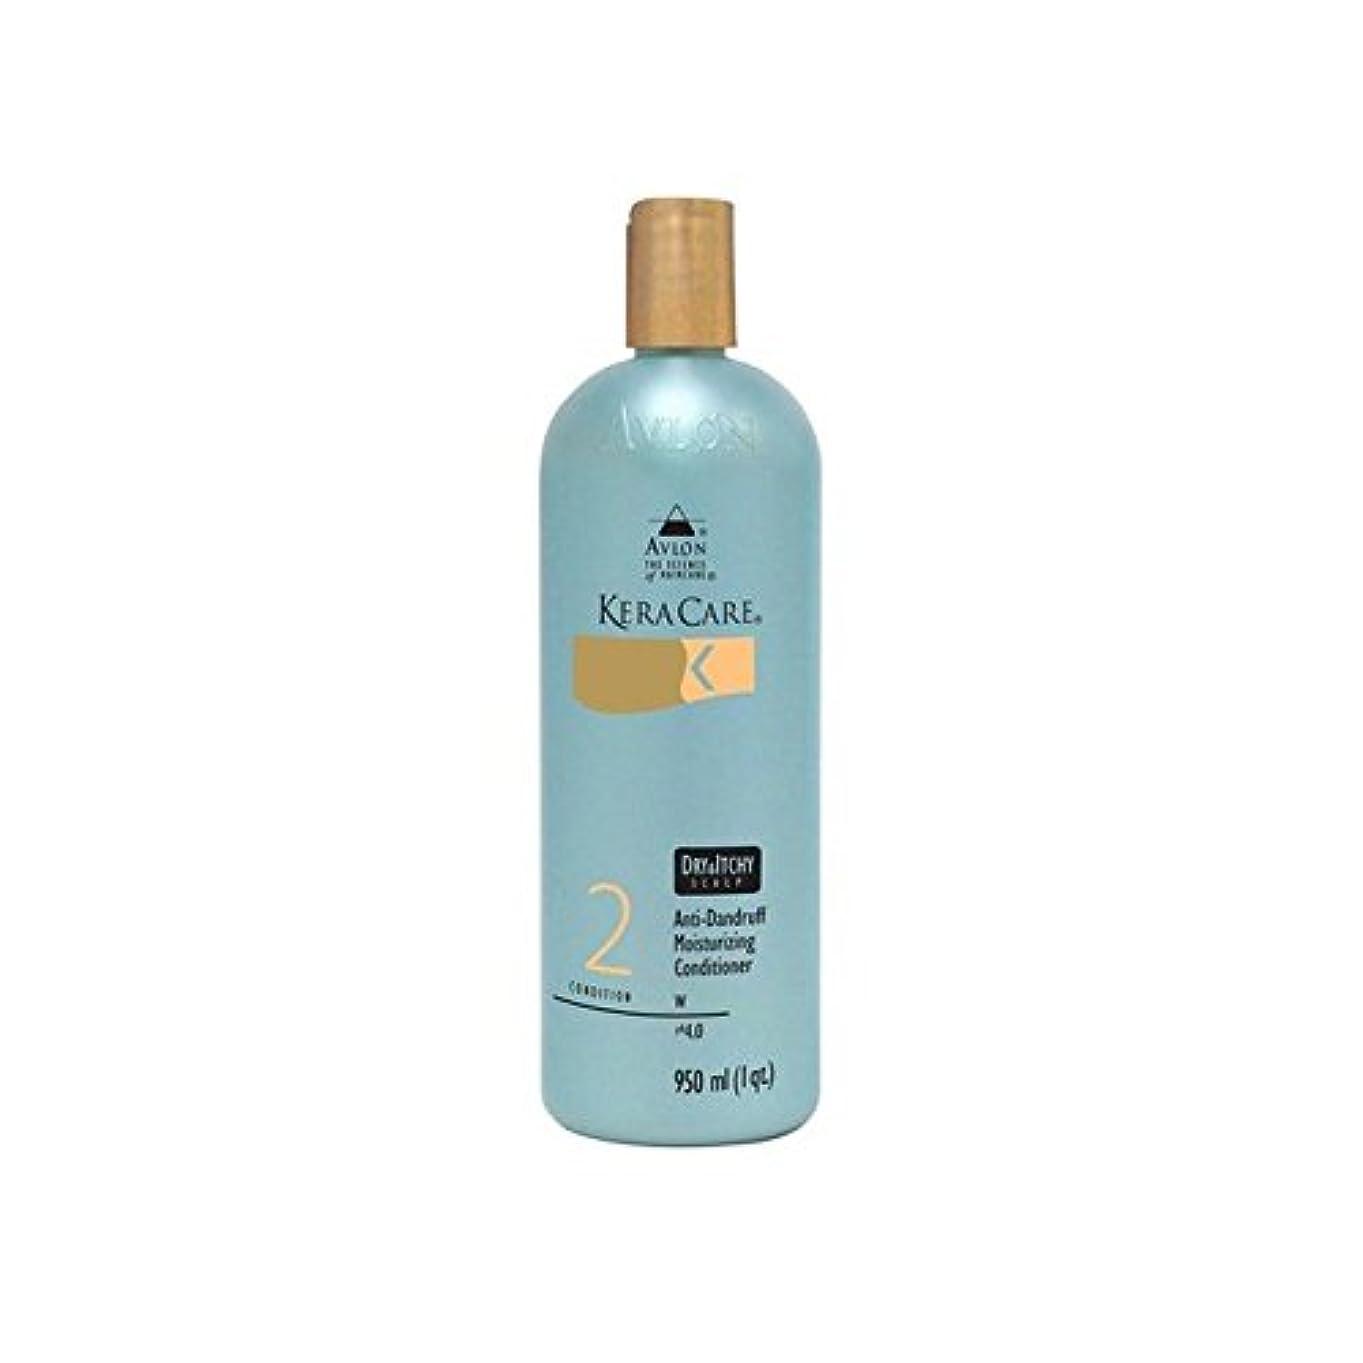 アンタゴニストラジエーター疎外Keracare Dry And Itchy Scalp Moisturizing Conditioner (950ml) (Pack of 6) - 乾燥やかゆみ頭皮の保湿コンディショナー(950ミリリットル) x6 [並行輸入品]